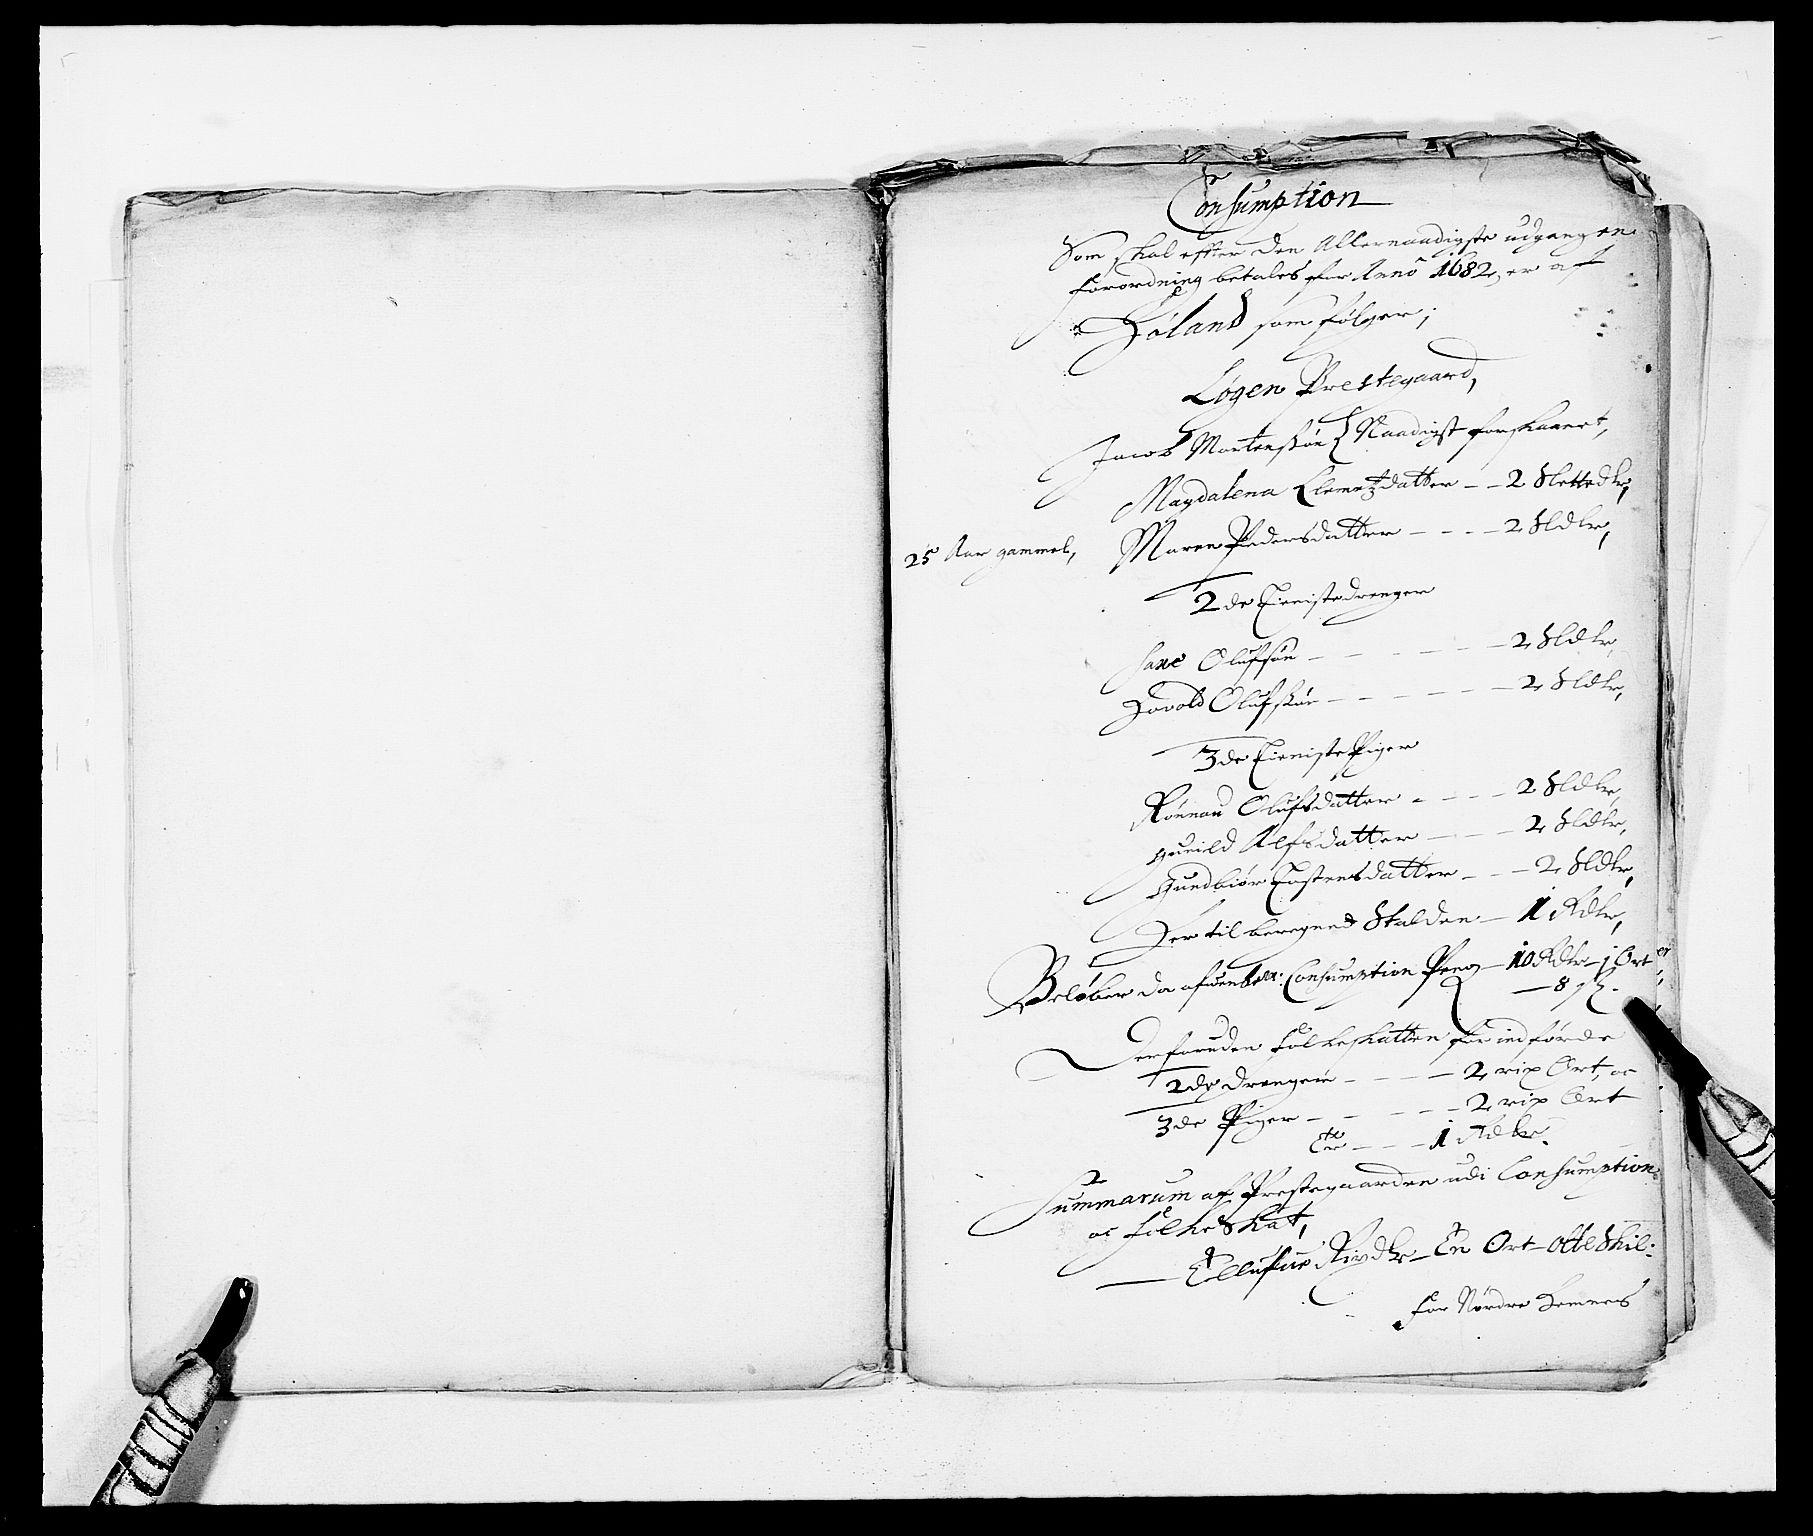 RA, Rentekammeret inntil 1814, Reviderte regnskaper, Fogderegnskap, R11/L0570: Fogderegnskap Nedre Romerike, 1682, s. 301